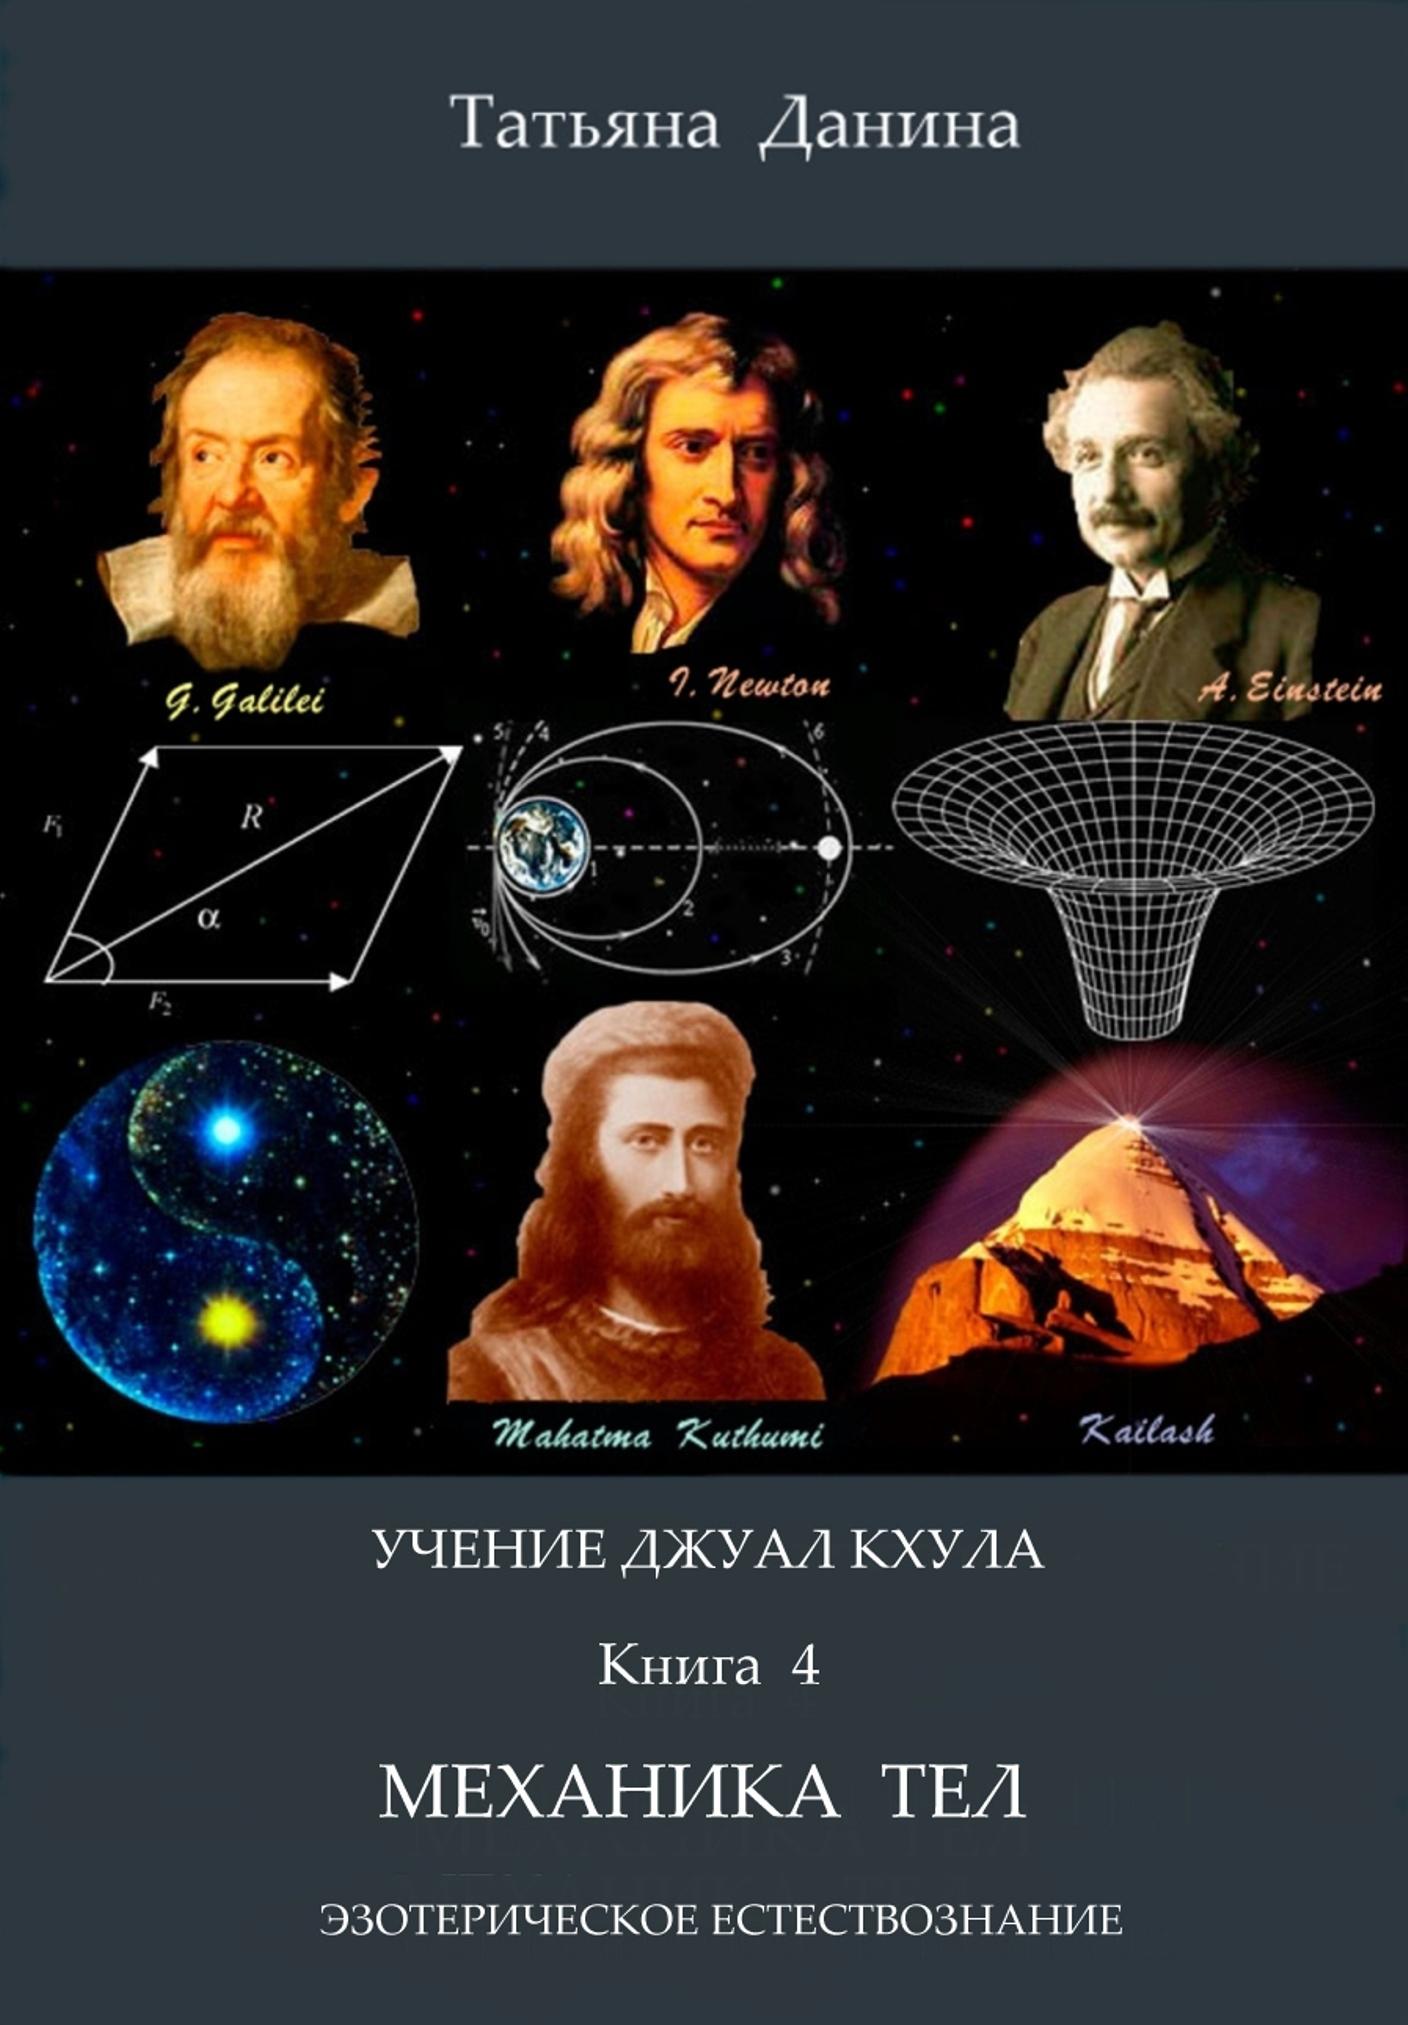 Татьяна Данина Механика тел татьяна данина бог пространство мыслящая субстанция учение джуал кхула